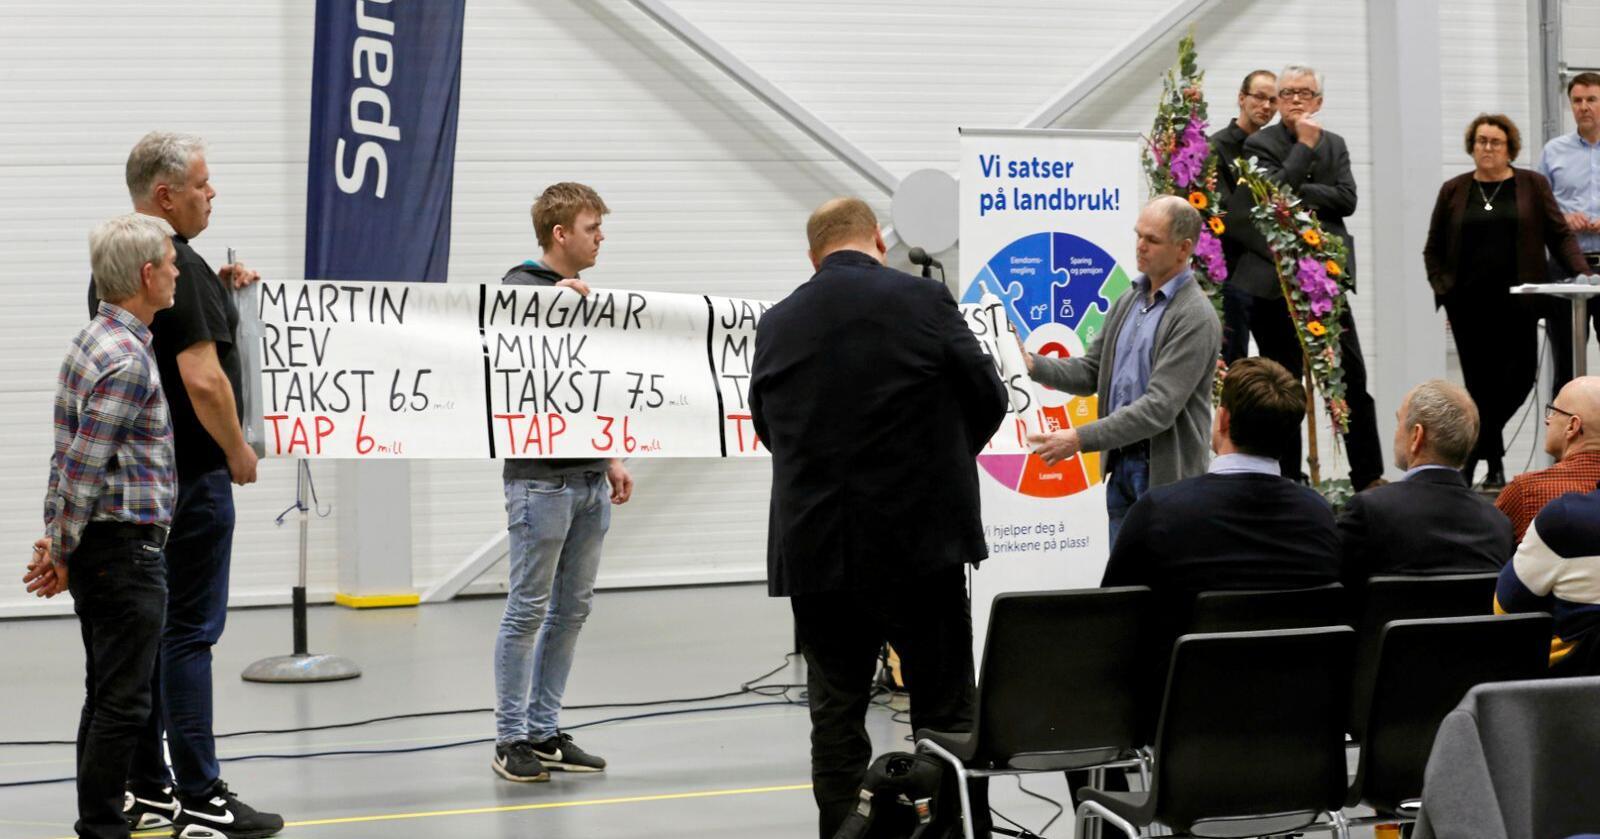 Leste opp tapene: Leder for Rogaland Pelsdyralslag, Jan Ove Horpestad, leste opp navn og de anslåtte tappene de 12 bøndene må ta om de ikke får full kompensasjon. Foto: Solfrid Sande